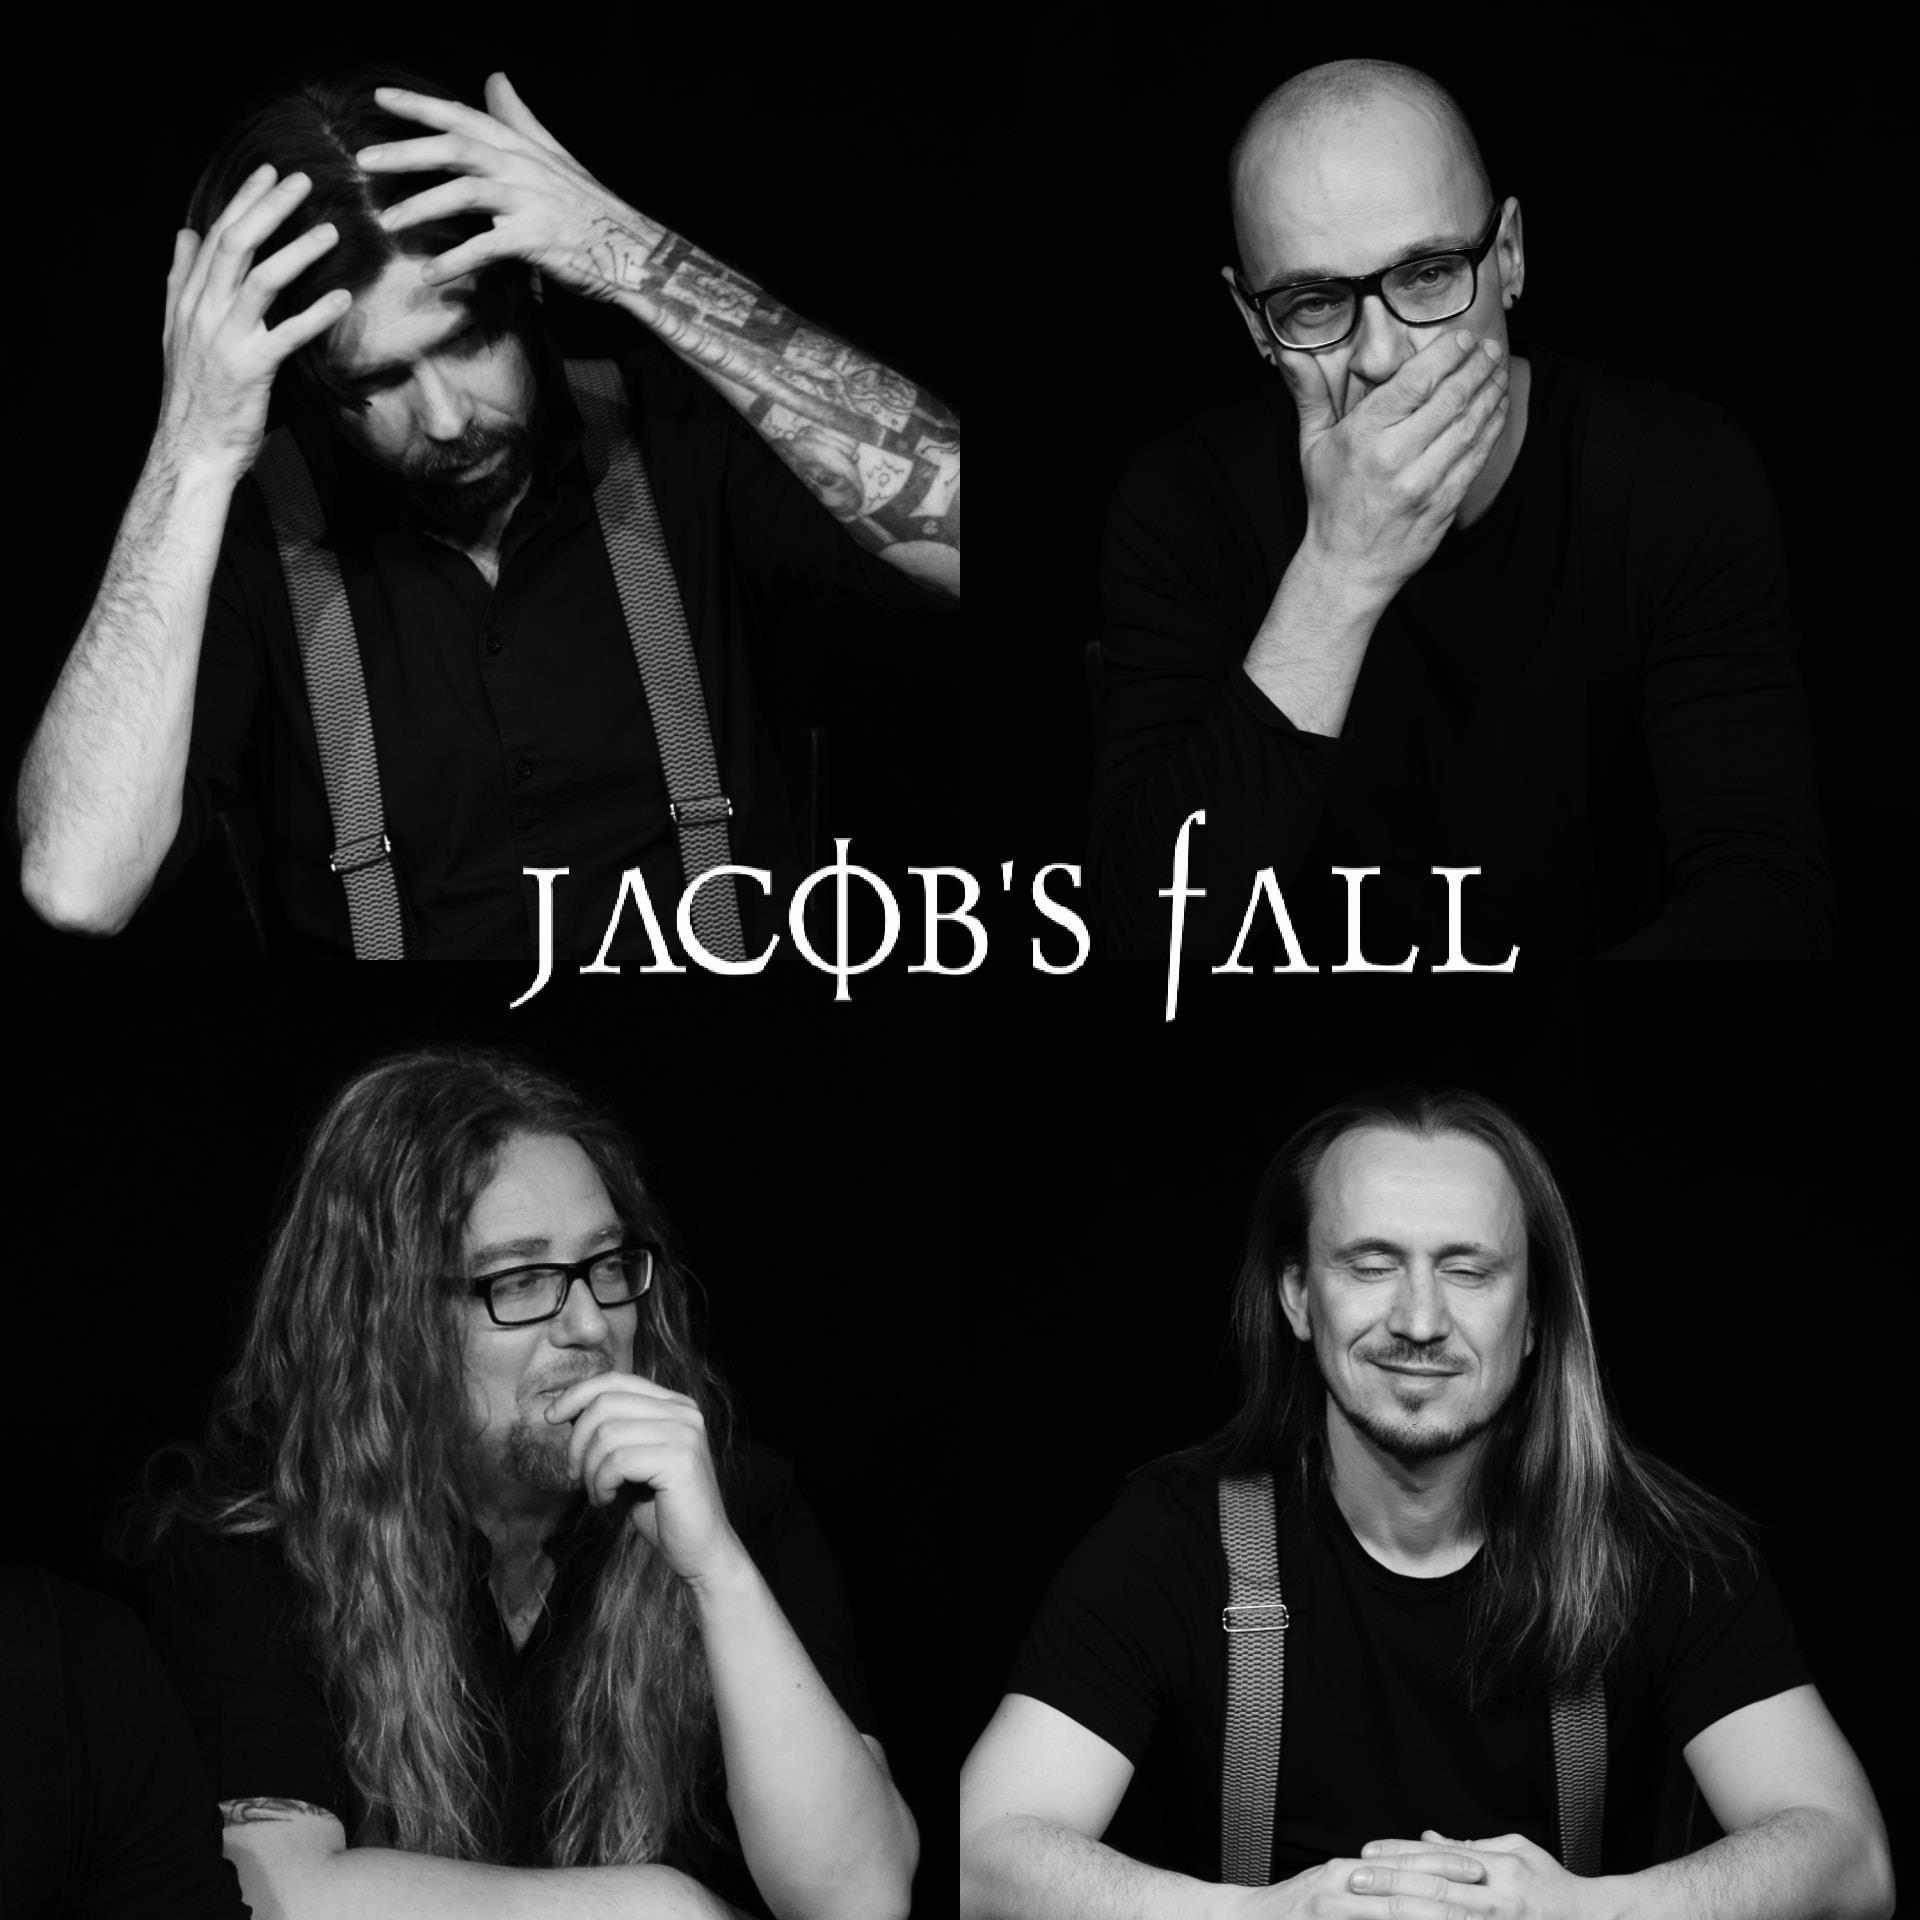 Jacob's Fall